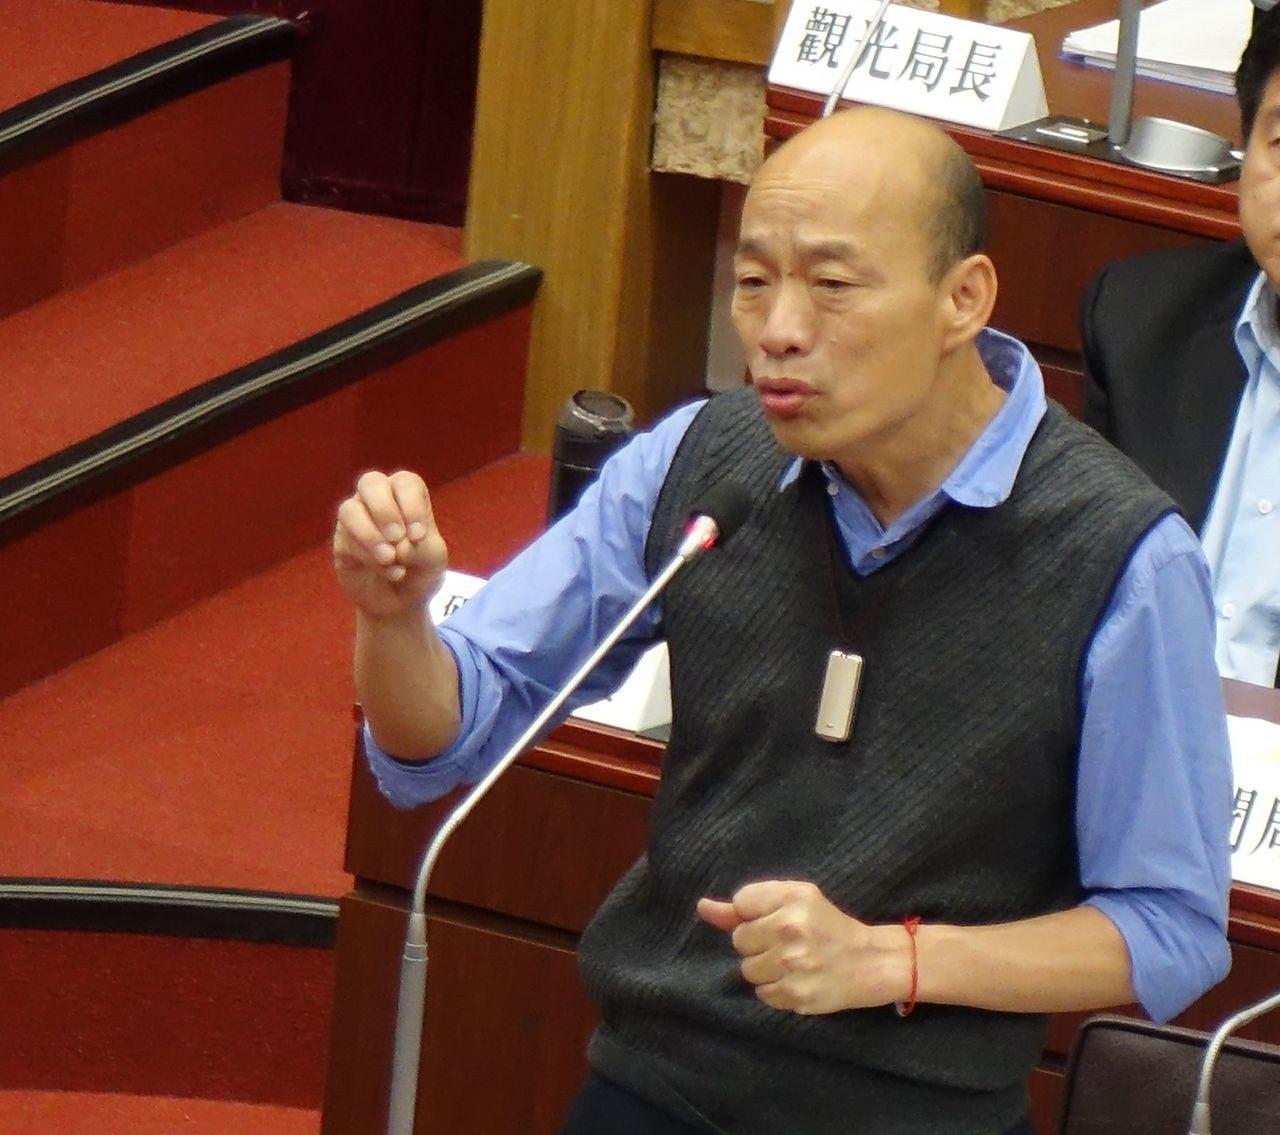 高雄市長韓國瑜昨於議會質詢中,抗議中央卡大林蒲案,經濟部指批評與事實顯有出入。記...